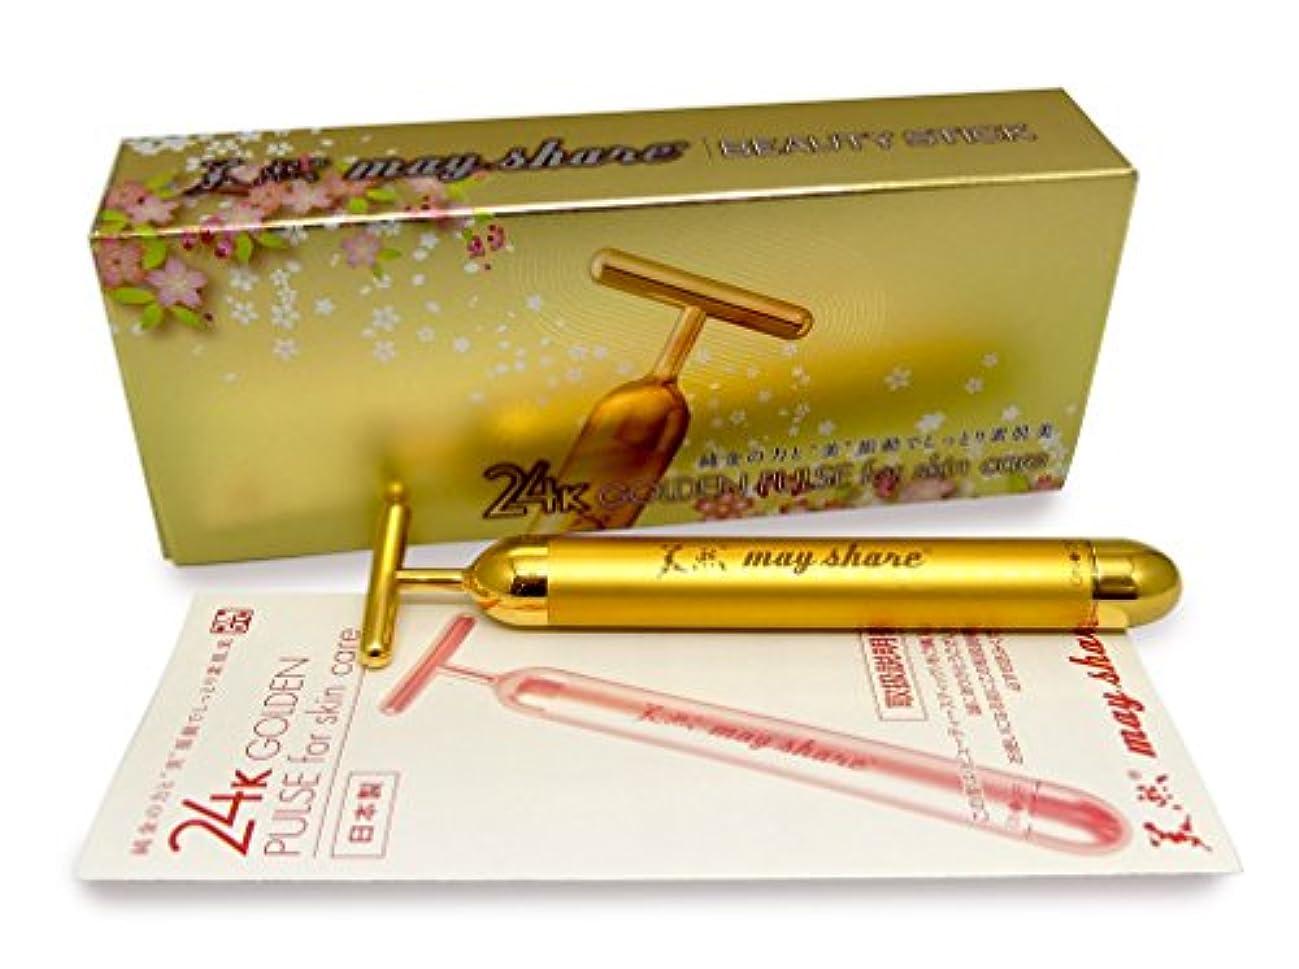 のれんヨーロッパおなかがすいた日本製 24Kゴールドビューティースティック(T型)Beauty Stick 黄金棒 MS-1